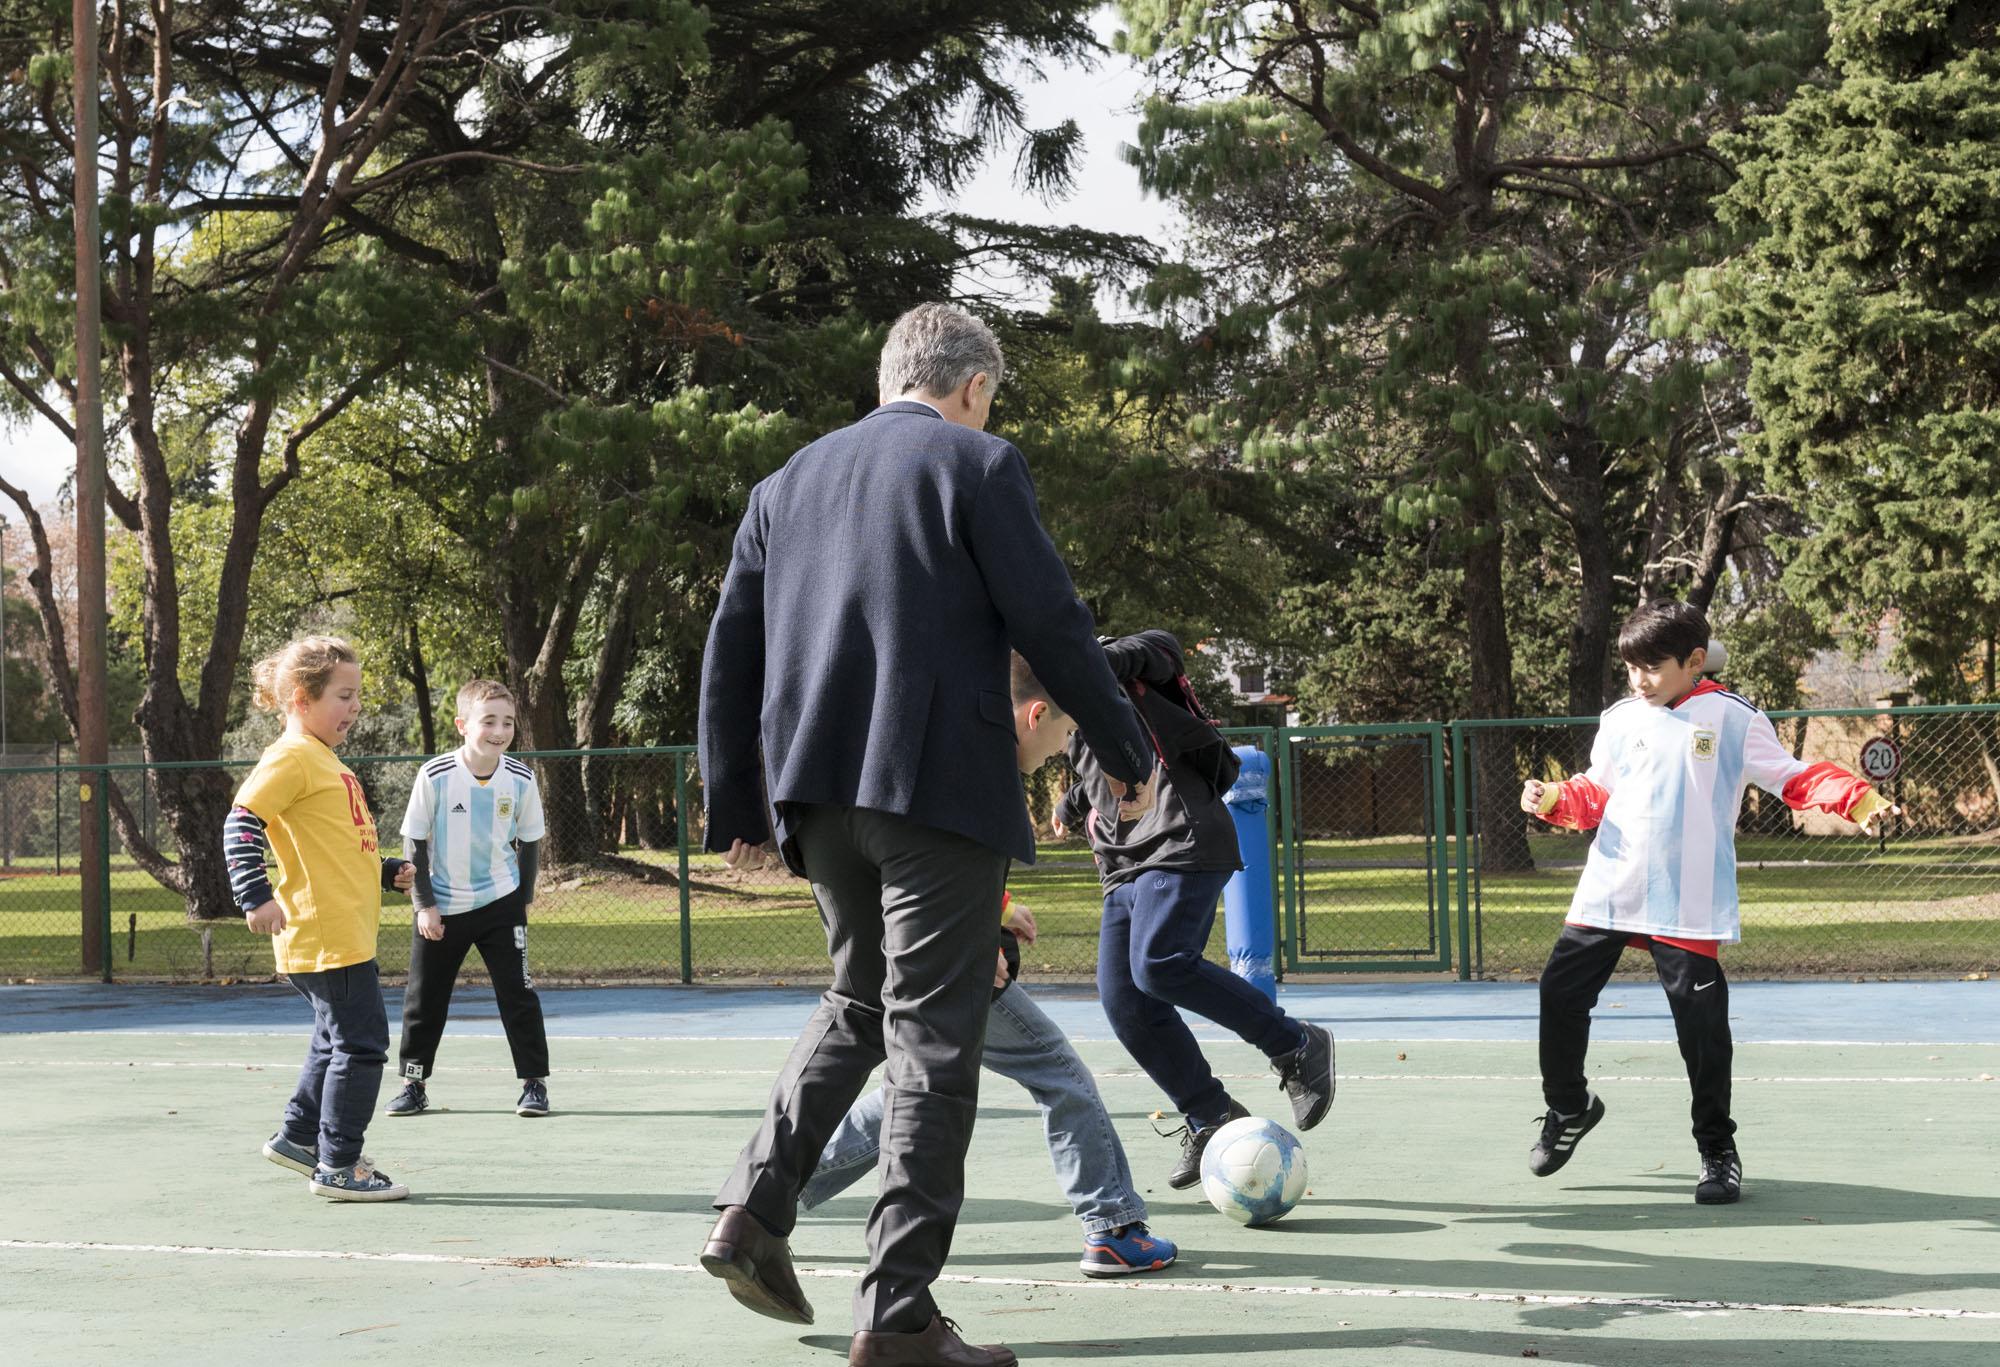 El pelotazo que casi deja fuera de juego al Presidente Mauricio Macri